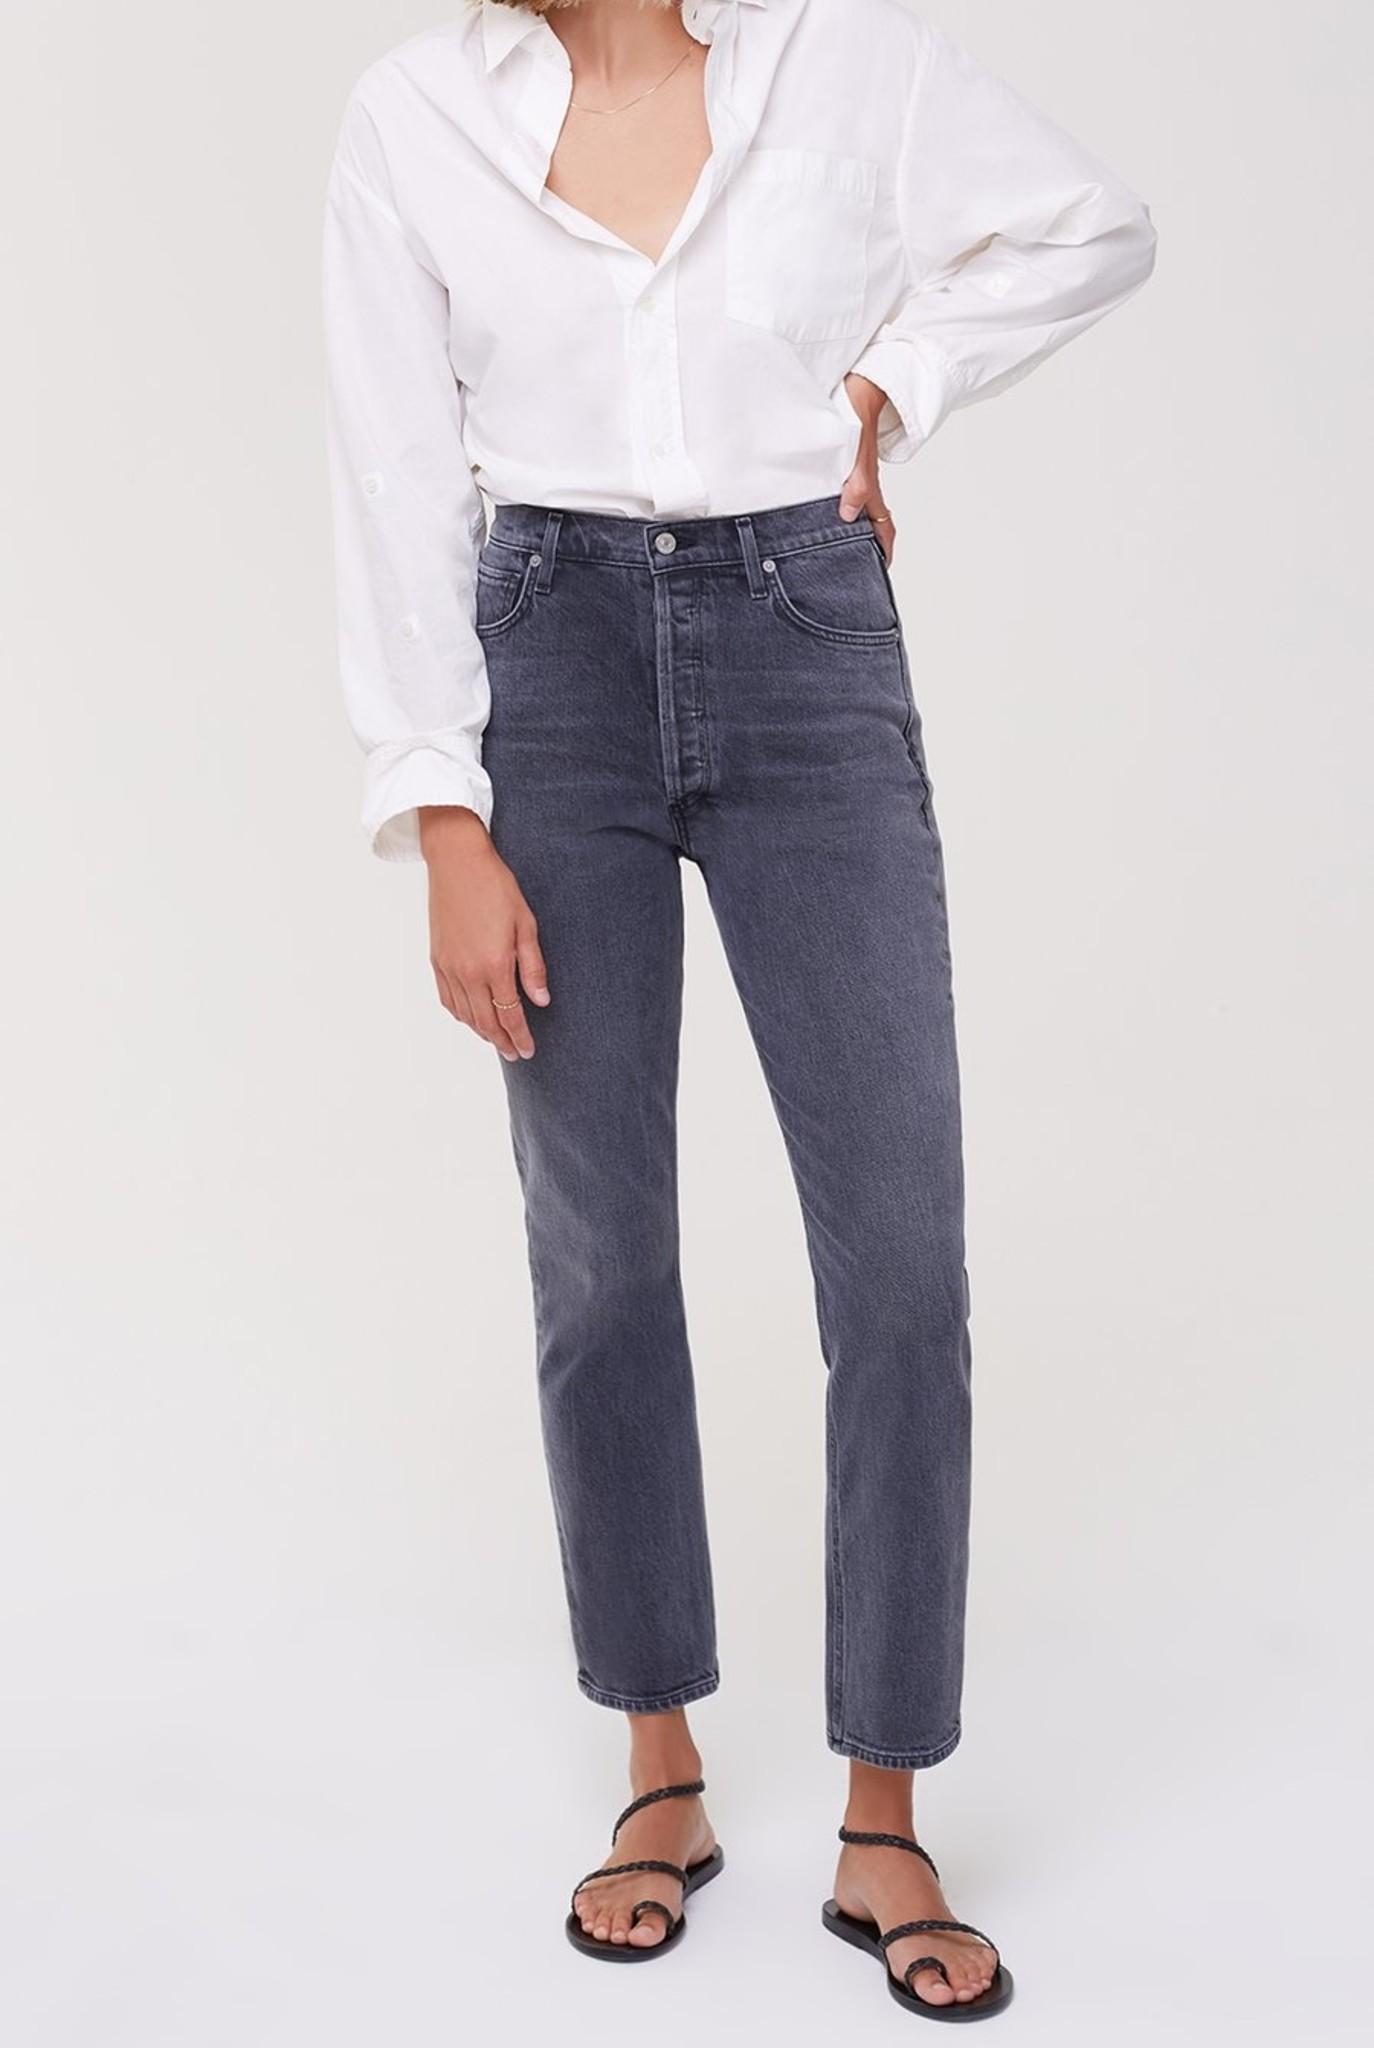 Charlotte Jeans Whisper